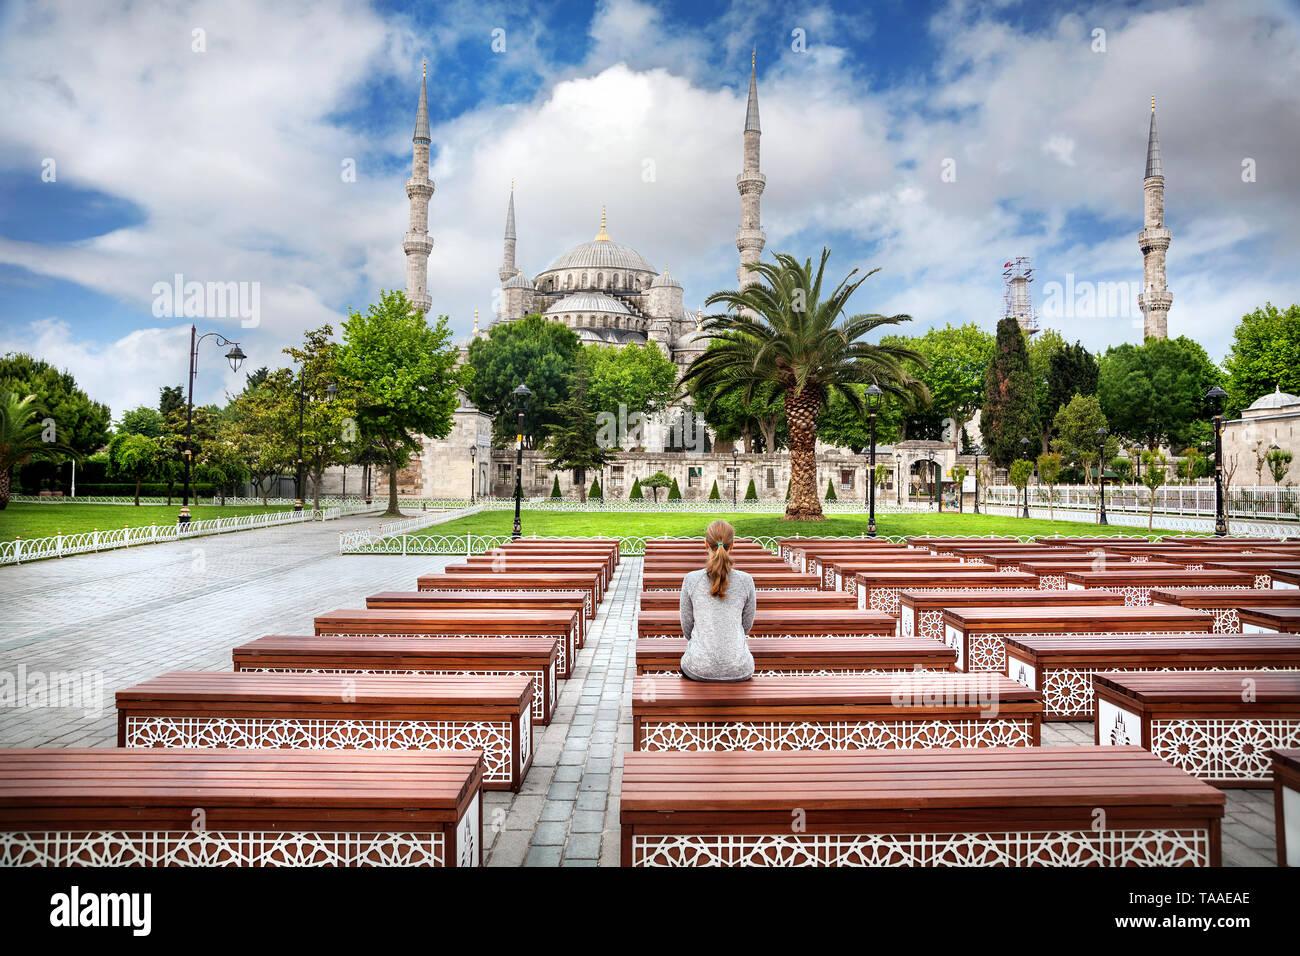 Donna sul banco di lavoro guardando la moschea blu ad Istanbul in Turchia Immagini Stock